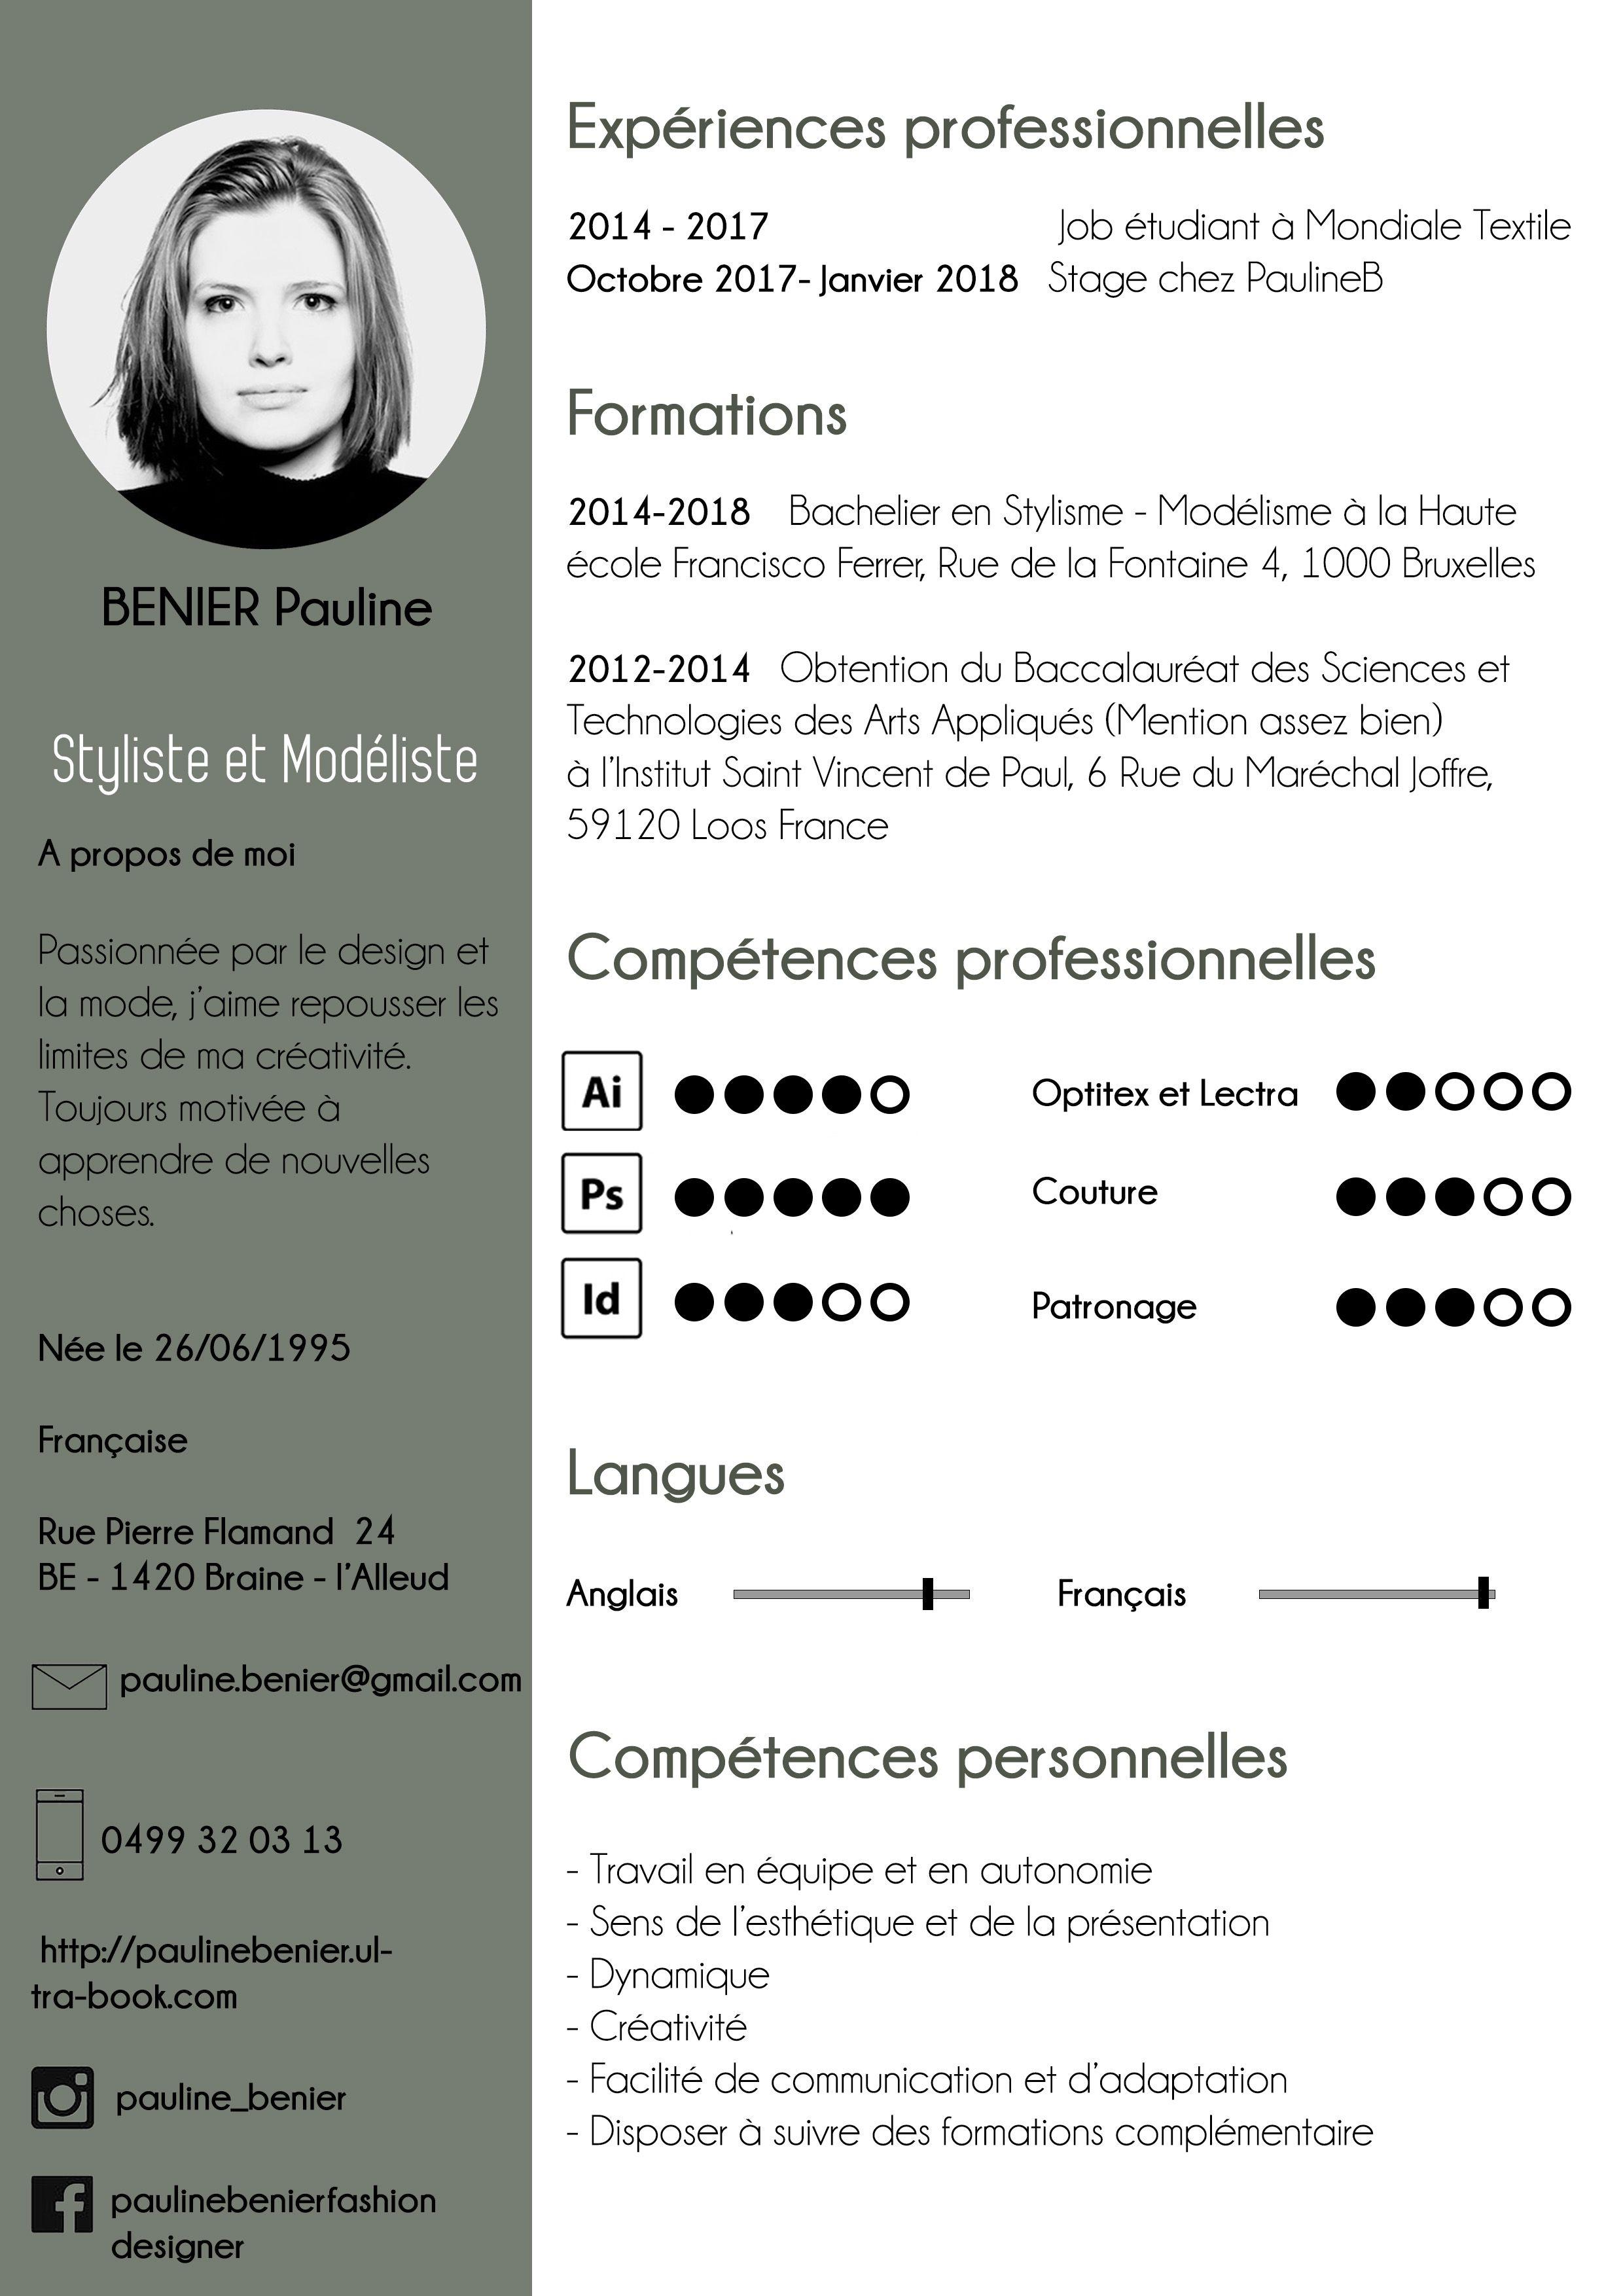 Pauline Benier Ultra Bookpremiere Rubrique Cv Styliste Modeliste Pauline Bacheliers